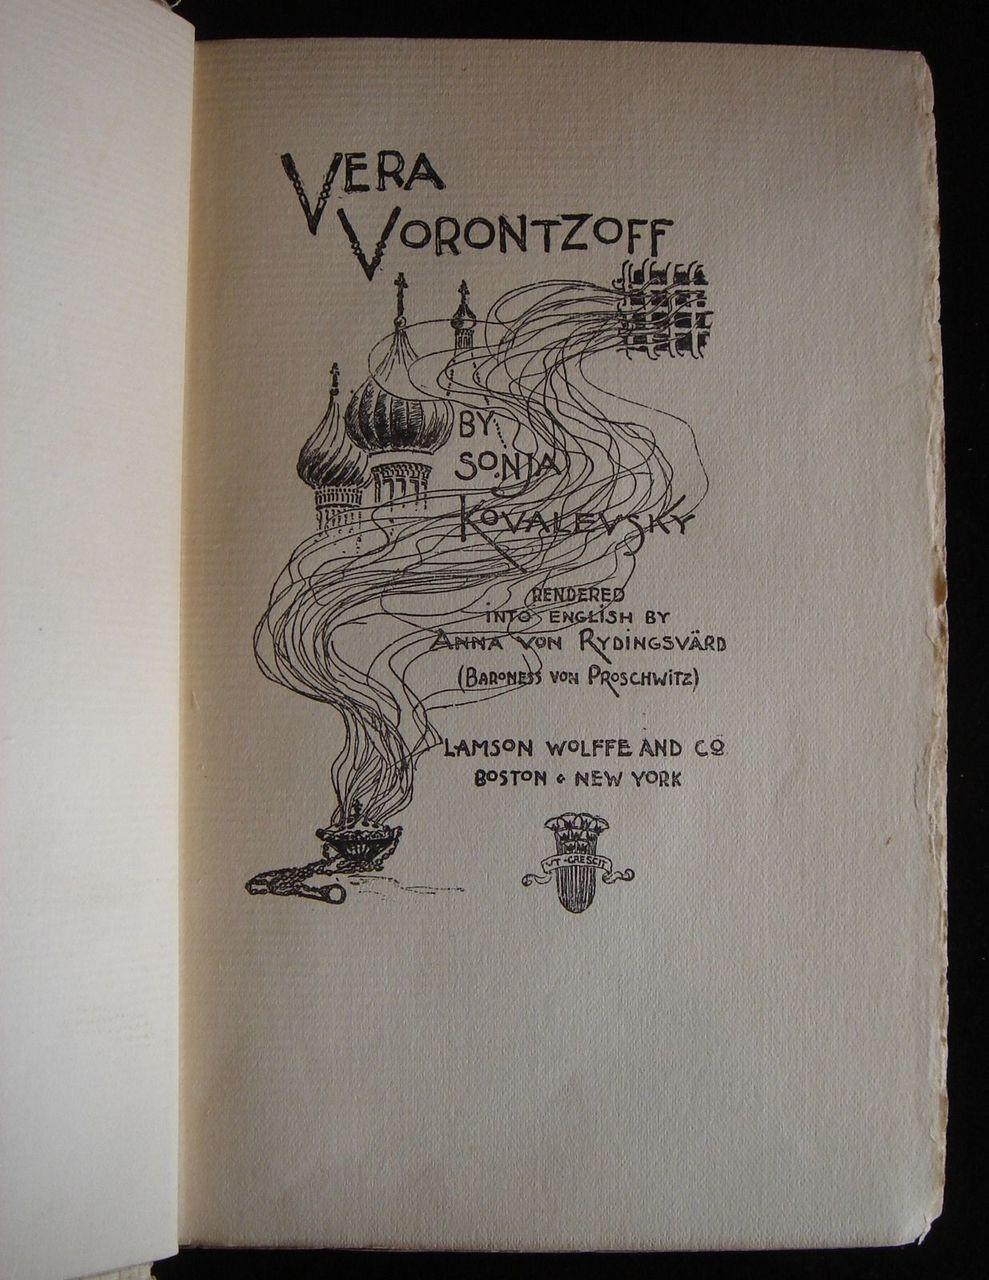 VERA VORONTZOFF, by Sonya Kovalevsky; Anna von Rydingsvard (tr) - 1895